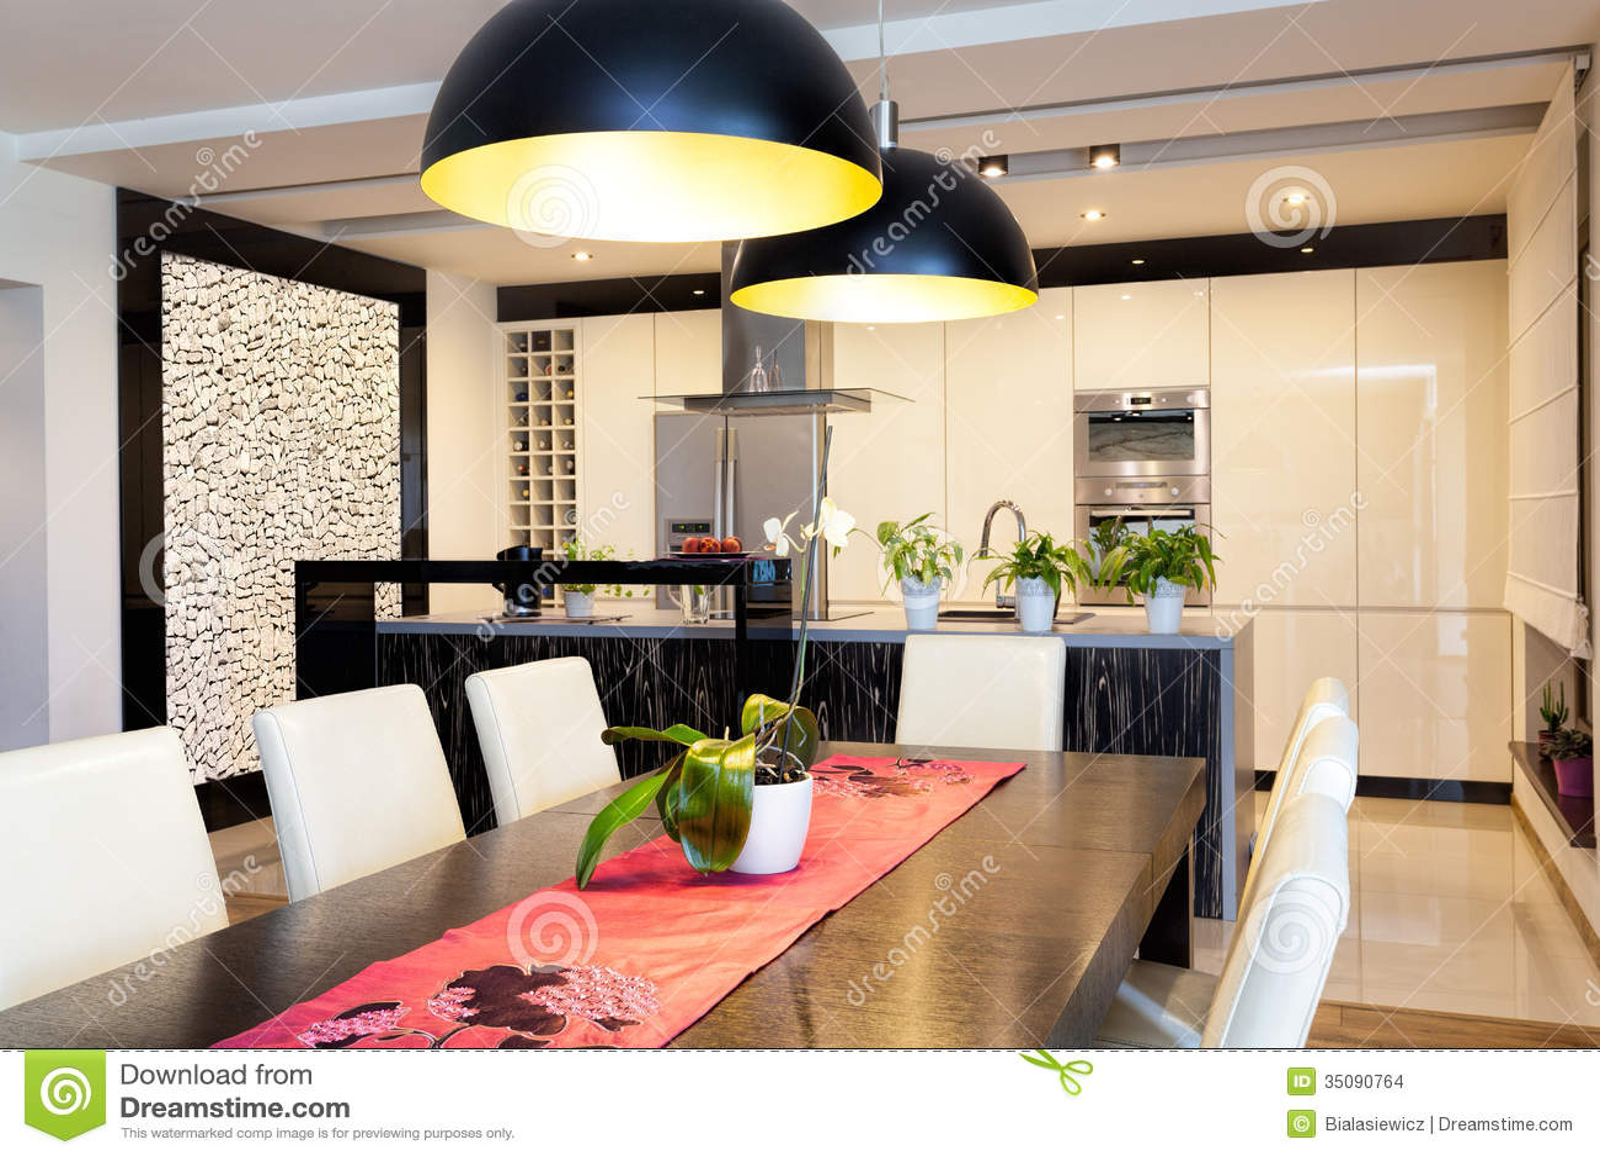 Appartamento Urbano  Cucina Con La Parete Di Pietra Fotografia Stock  Immagine 35090764